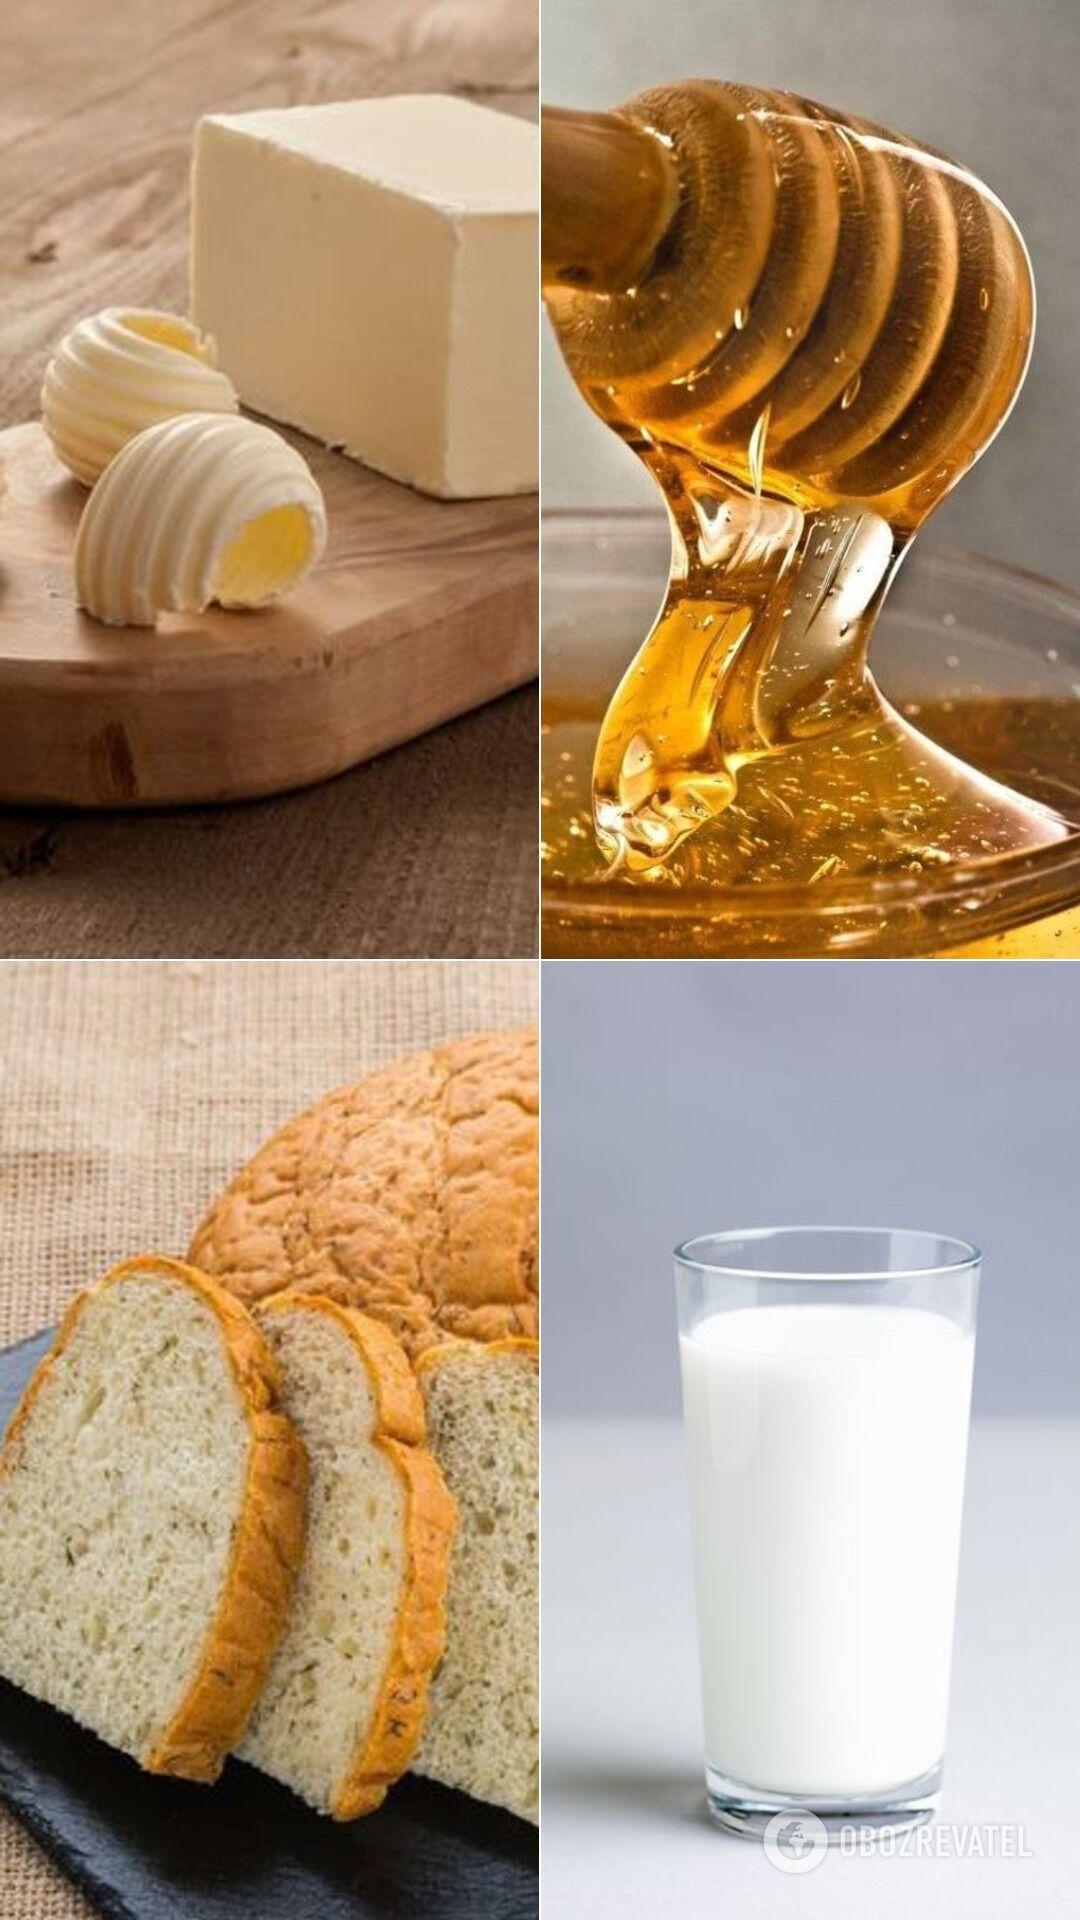 Сочетание масла, молока, хлеба и меда